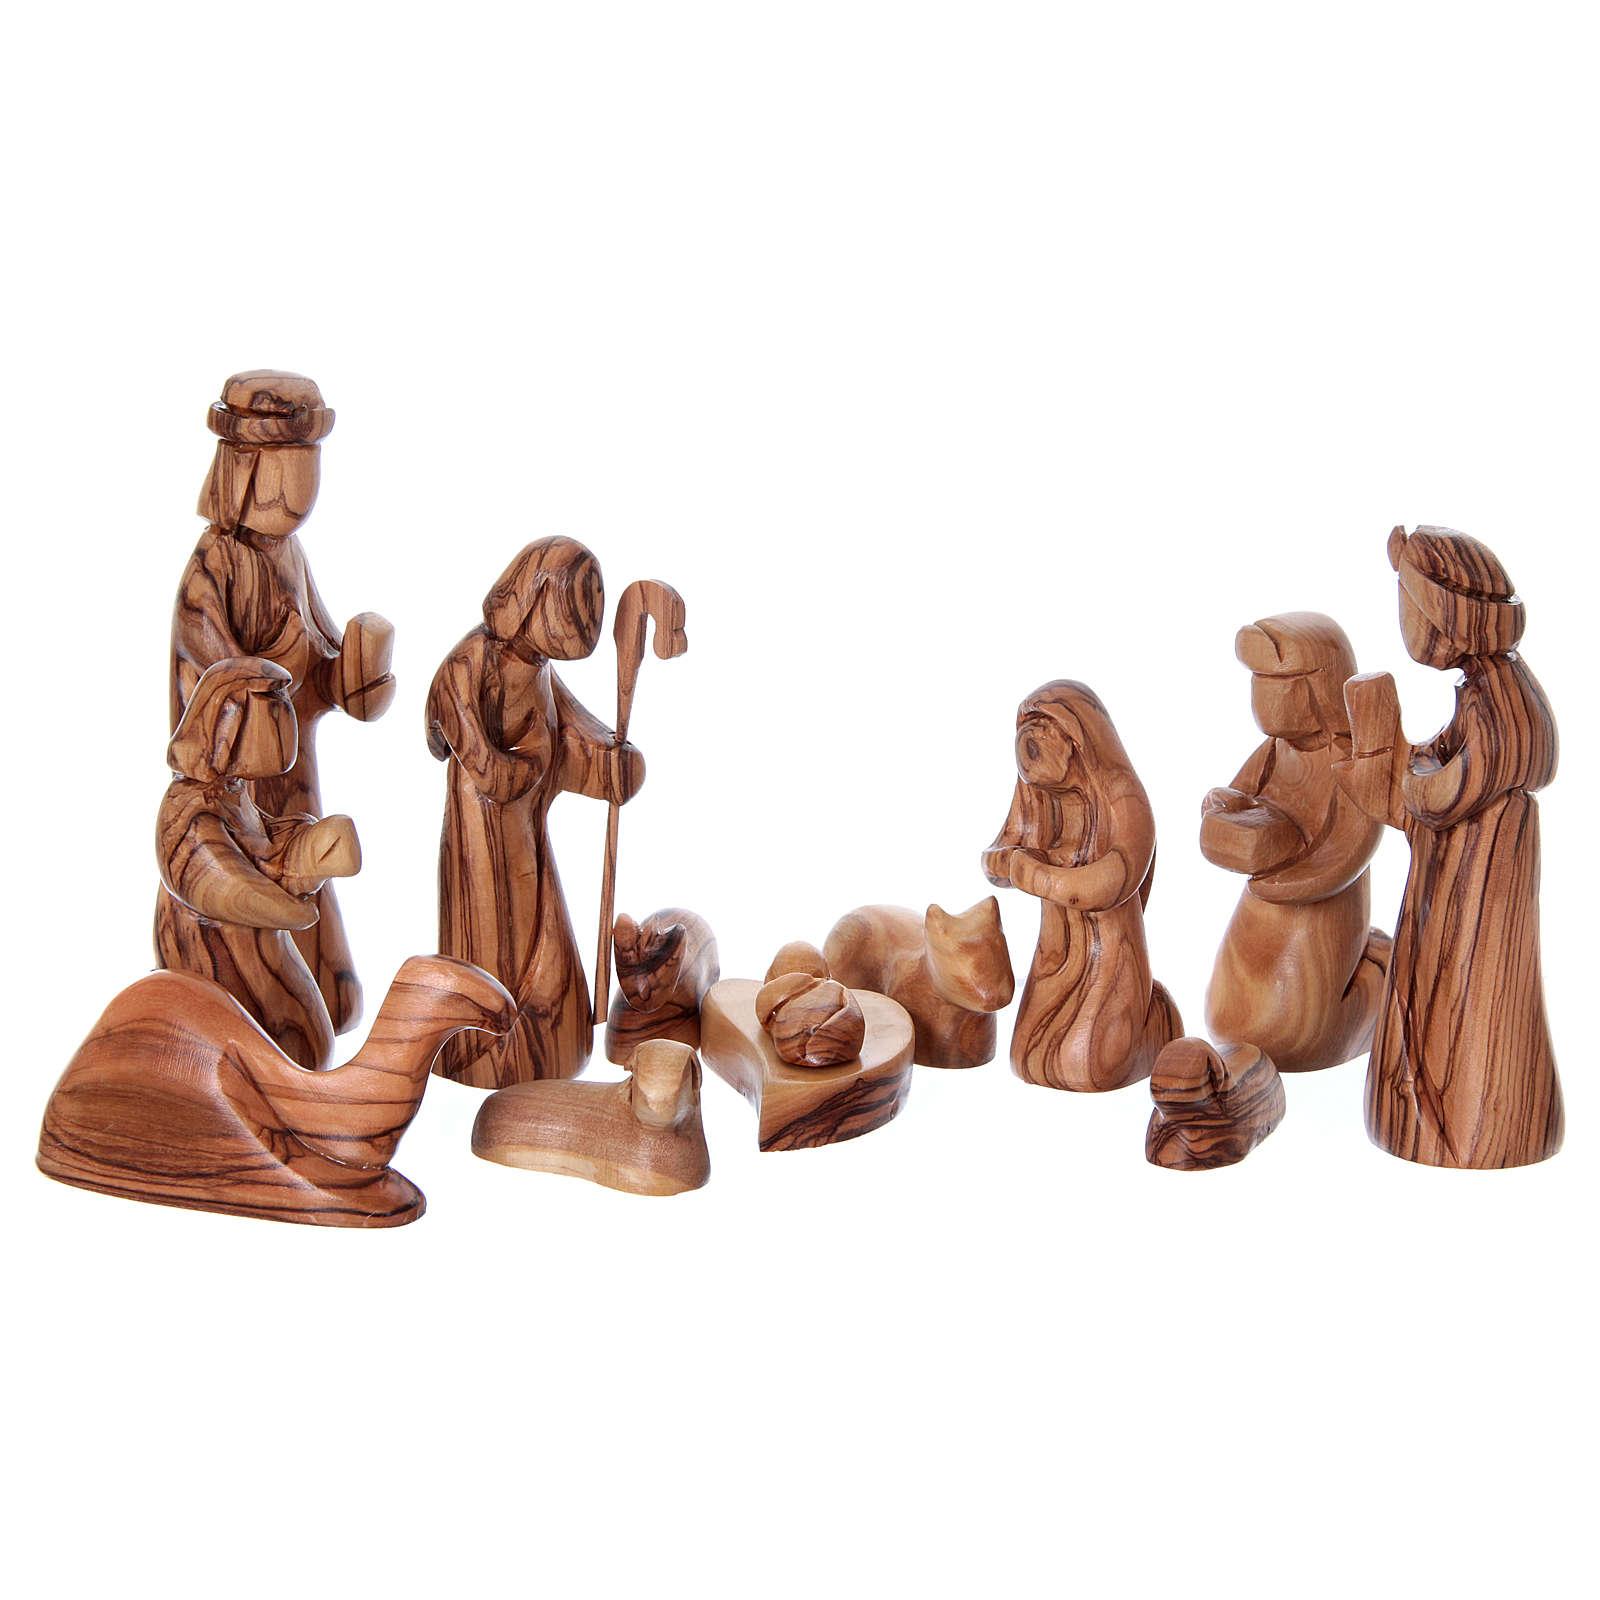 Capanna con presepe in ulivo di Betlemme stilizzato 20x25x20 cm 4